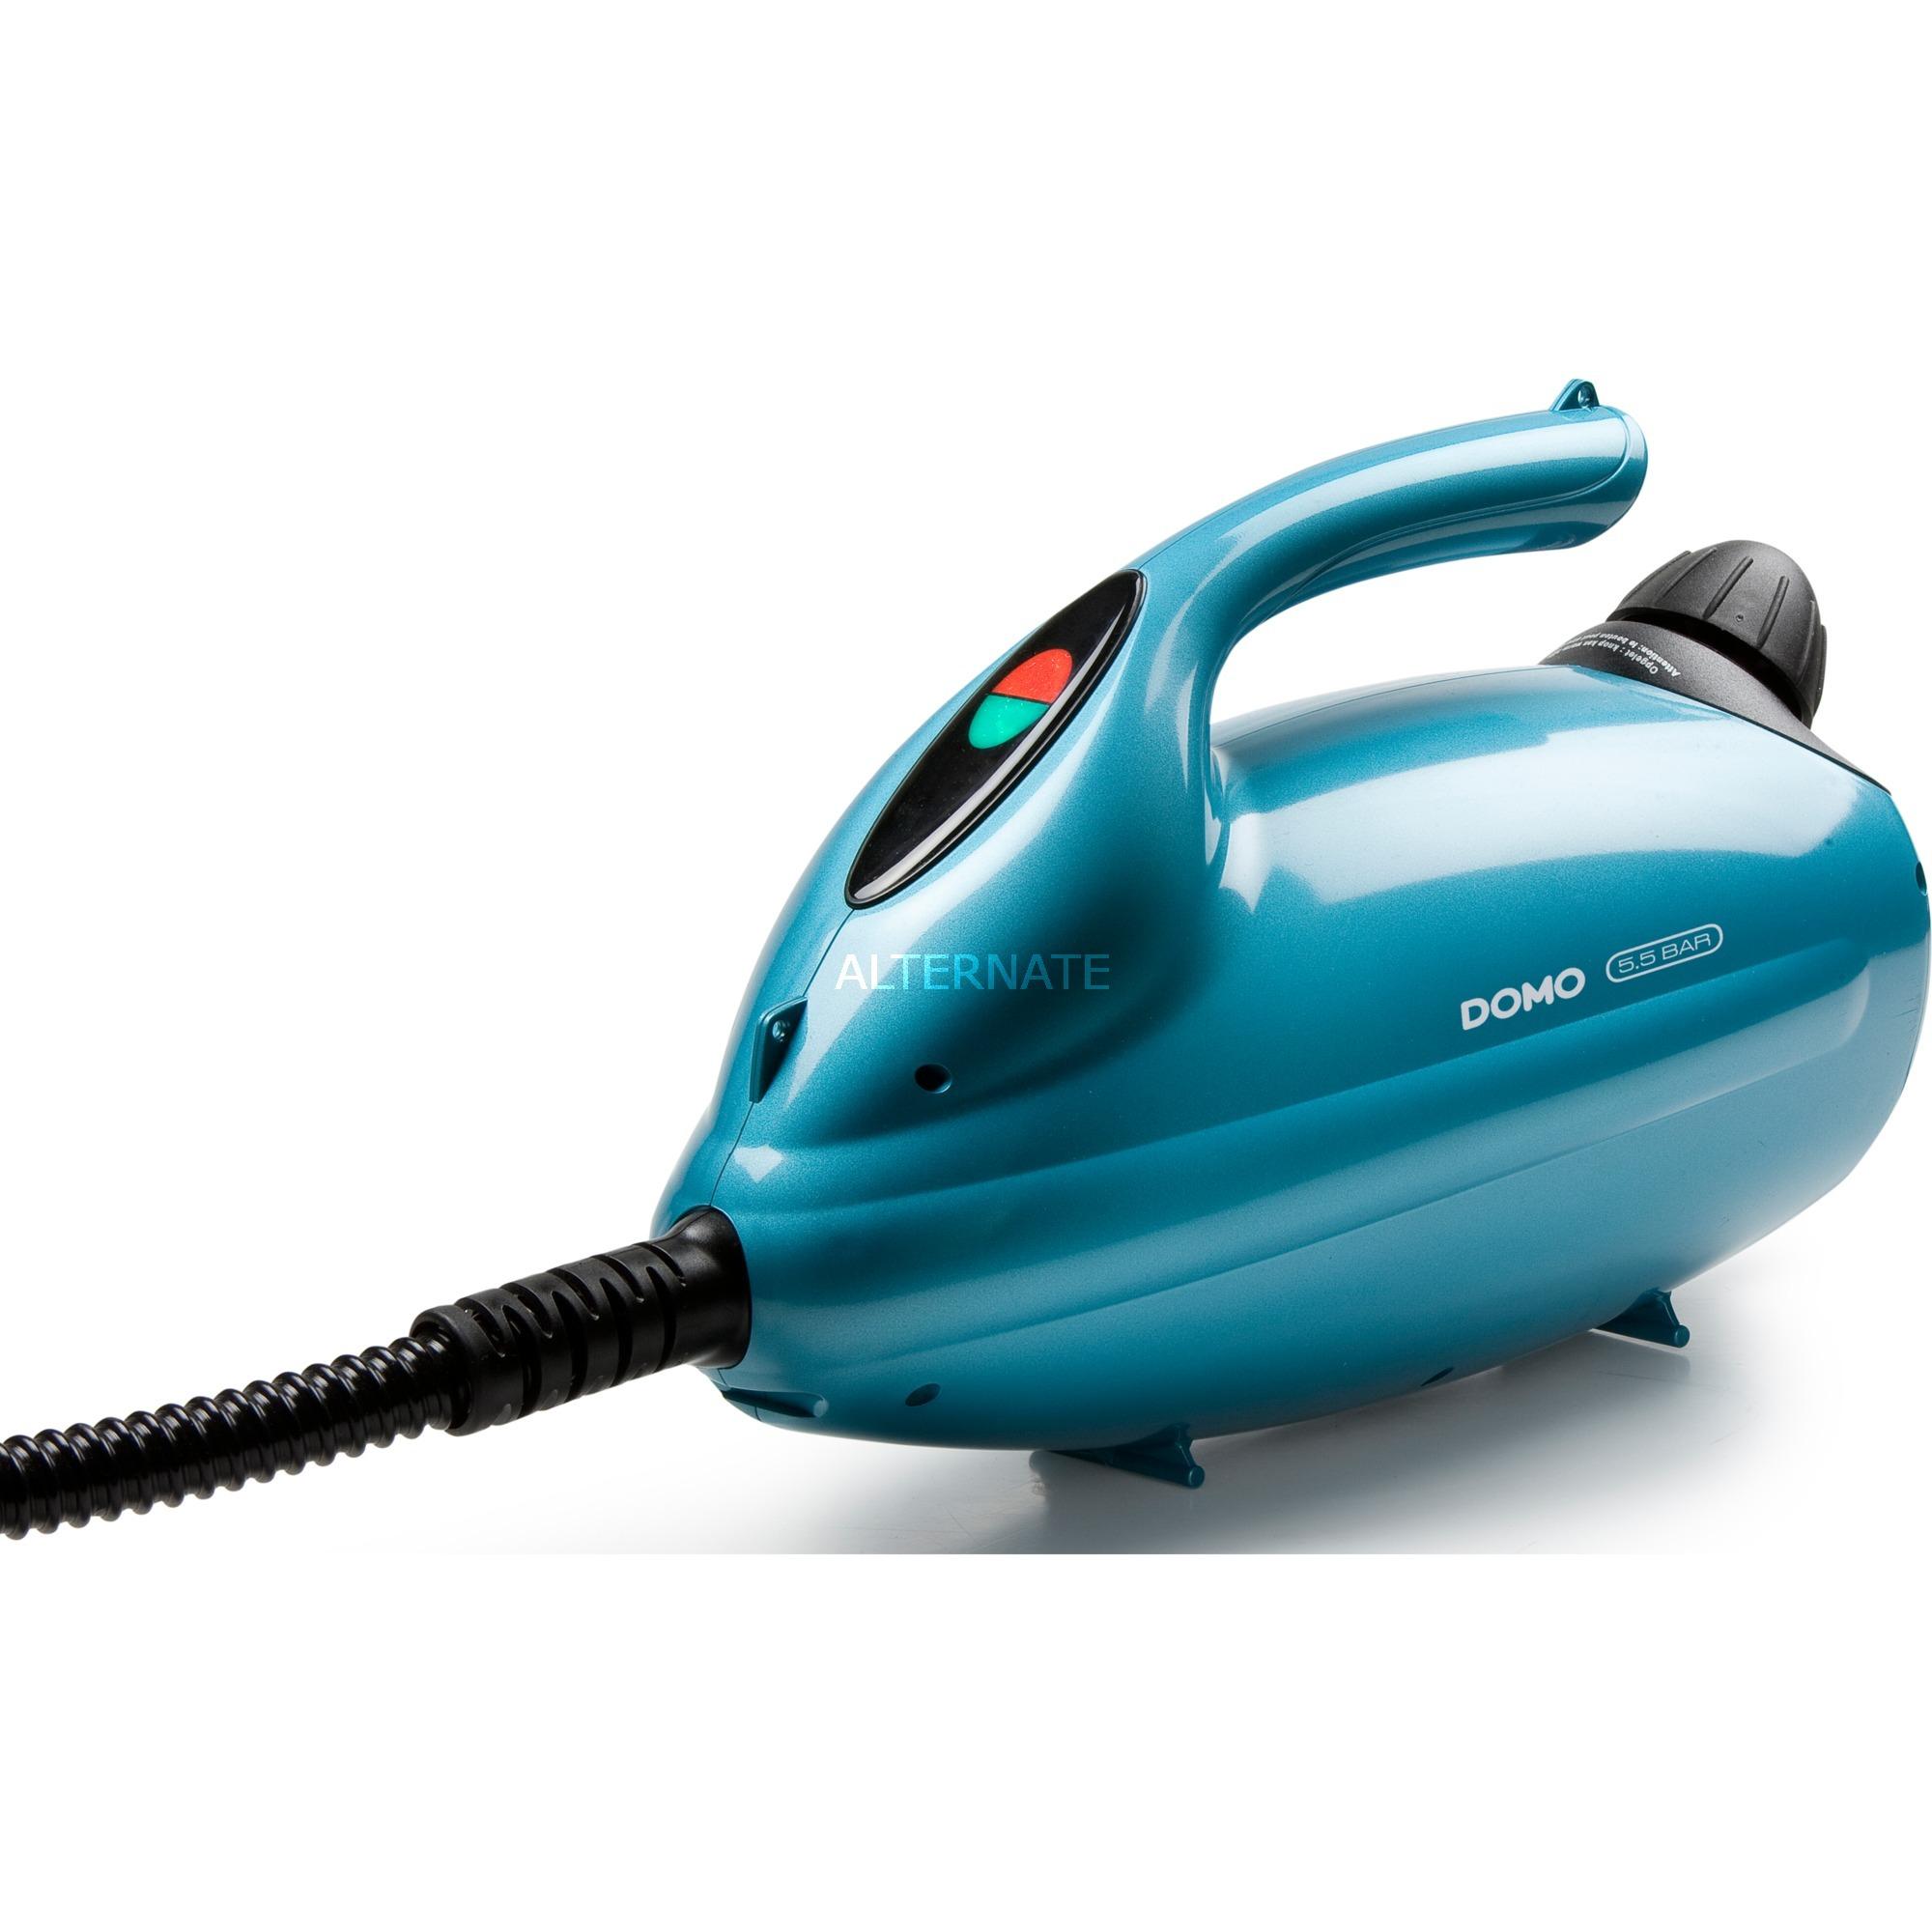 DO231SR limpiador a vapor Limpiador a vapor portátil 1,5 L Azul 2000 W, Limpiador de vapor